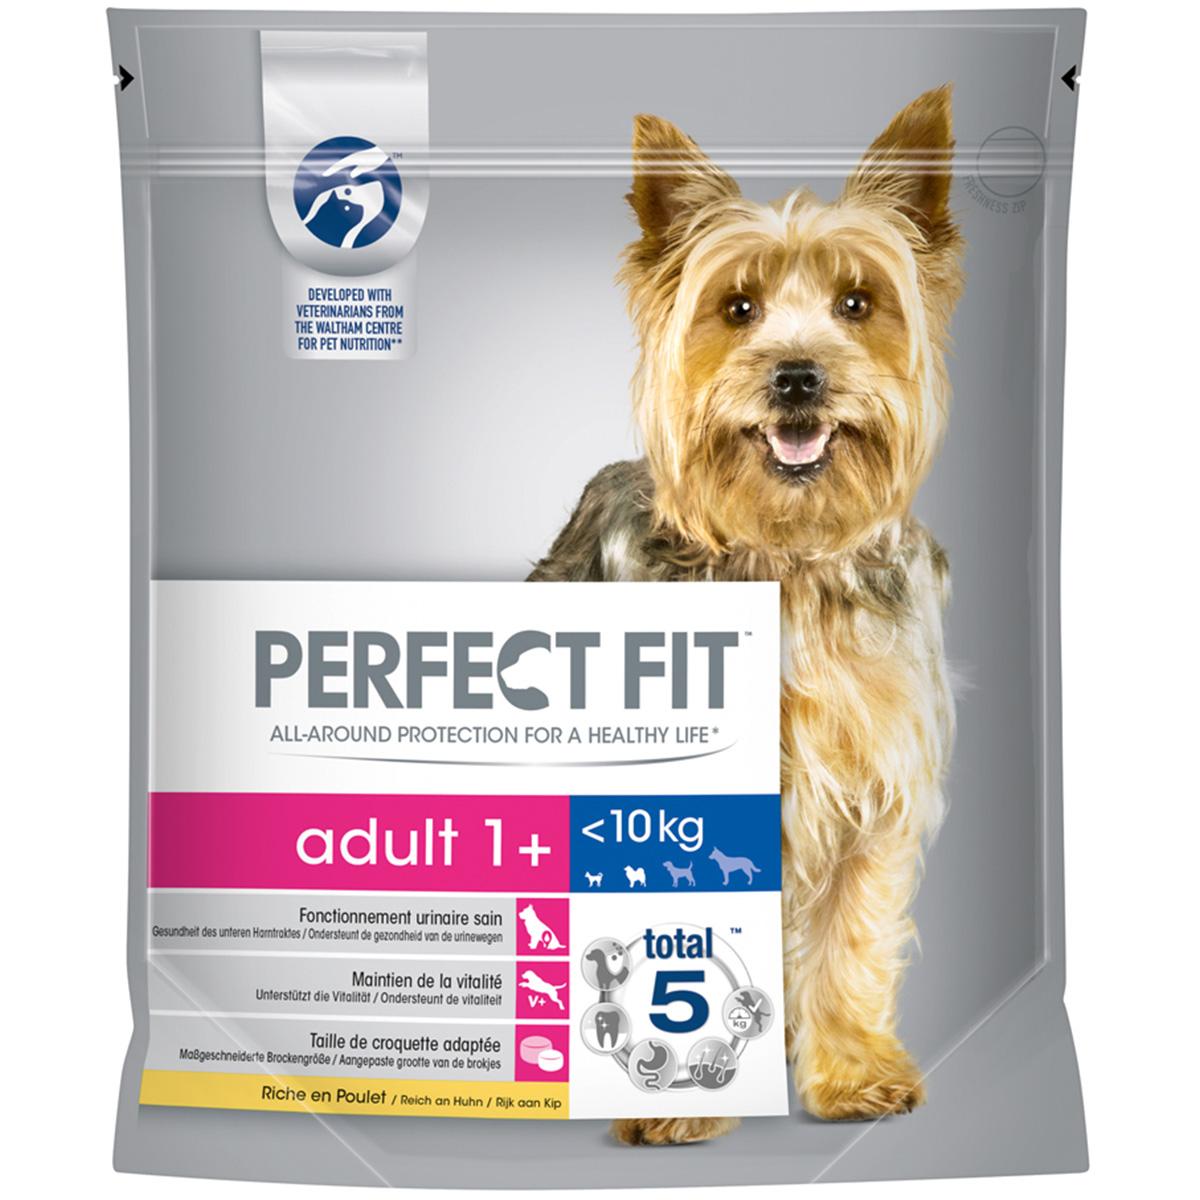 Perfect Fit Adult 1+ für kleine Hunde reich an Huhn 1,4kg